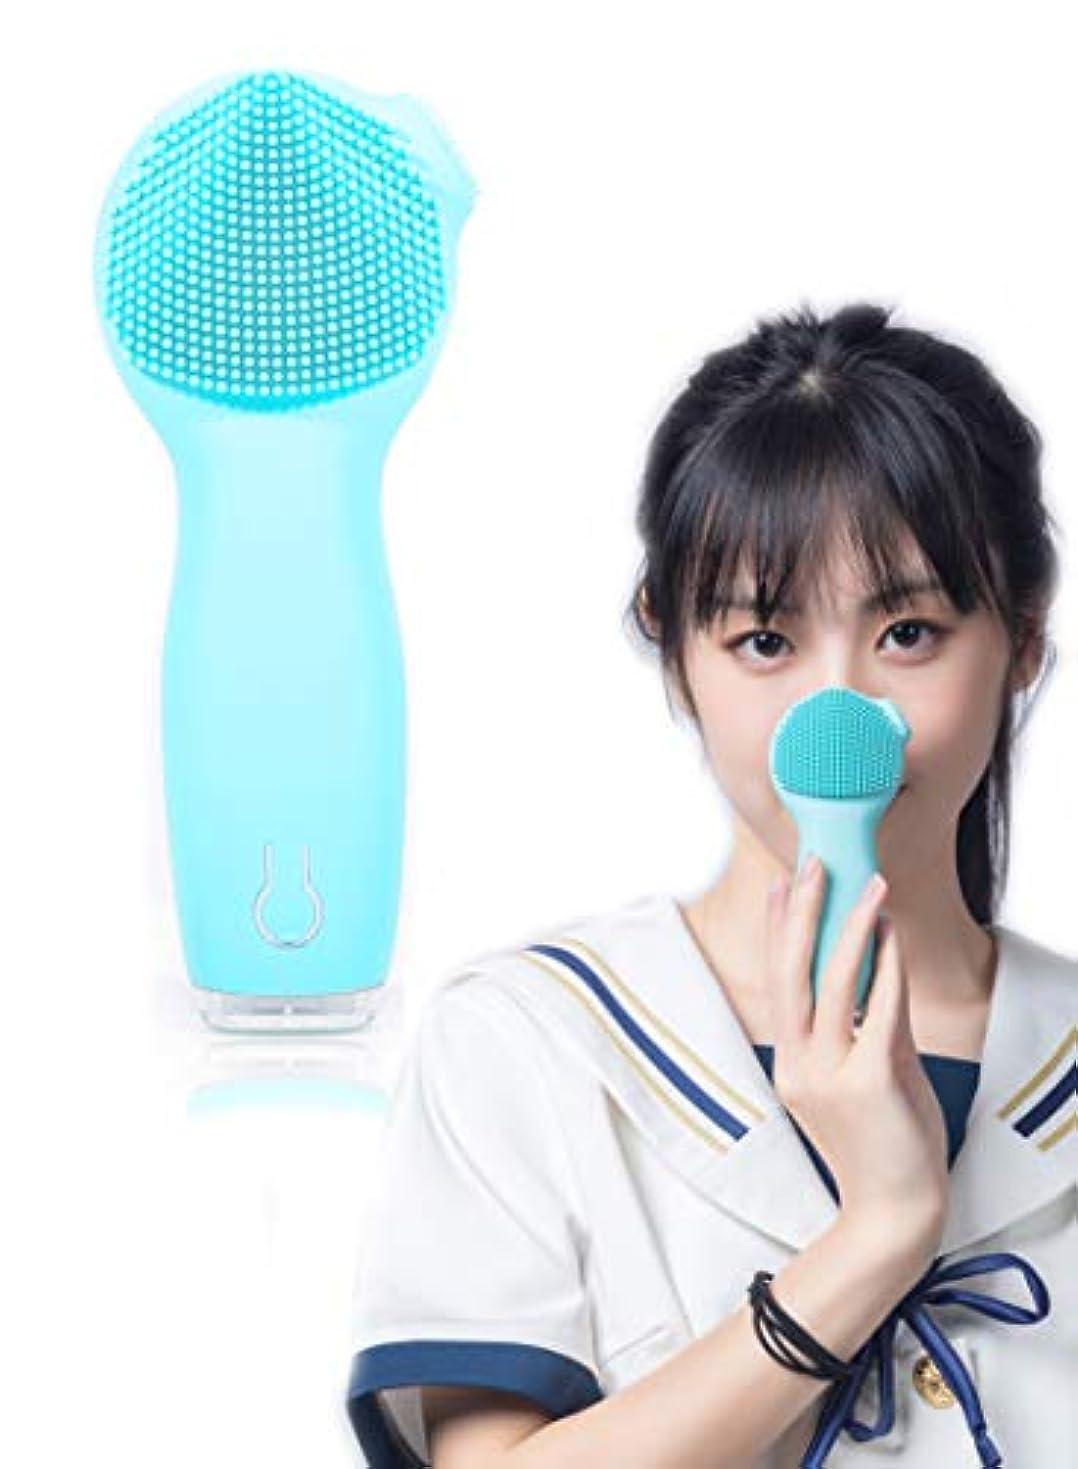 誰か予定愛撫洗顔ブラシ 音波電動 UGS優肌詩 二つ振動モード 3段階スピード調節 日本語取扱書付 シリコン 毛穴すっきり マッサージ洗顔器 IPX7防水 角質除去 透明肌へ (ブルー)